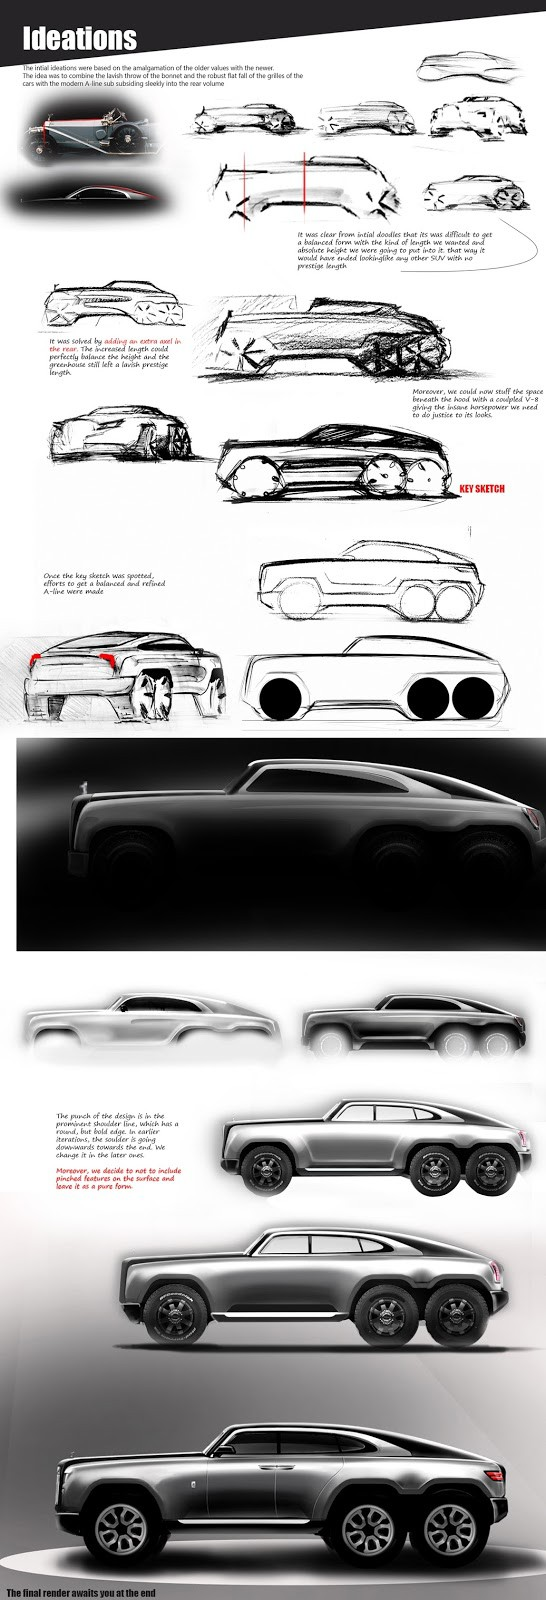 Rolls-Royce 6 bánh - SUV siêu sang địa hình trong mơ - Ảnh 4.